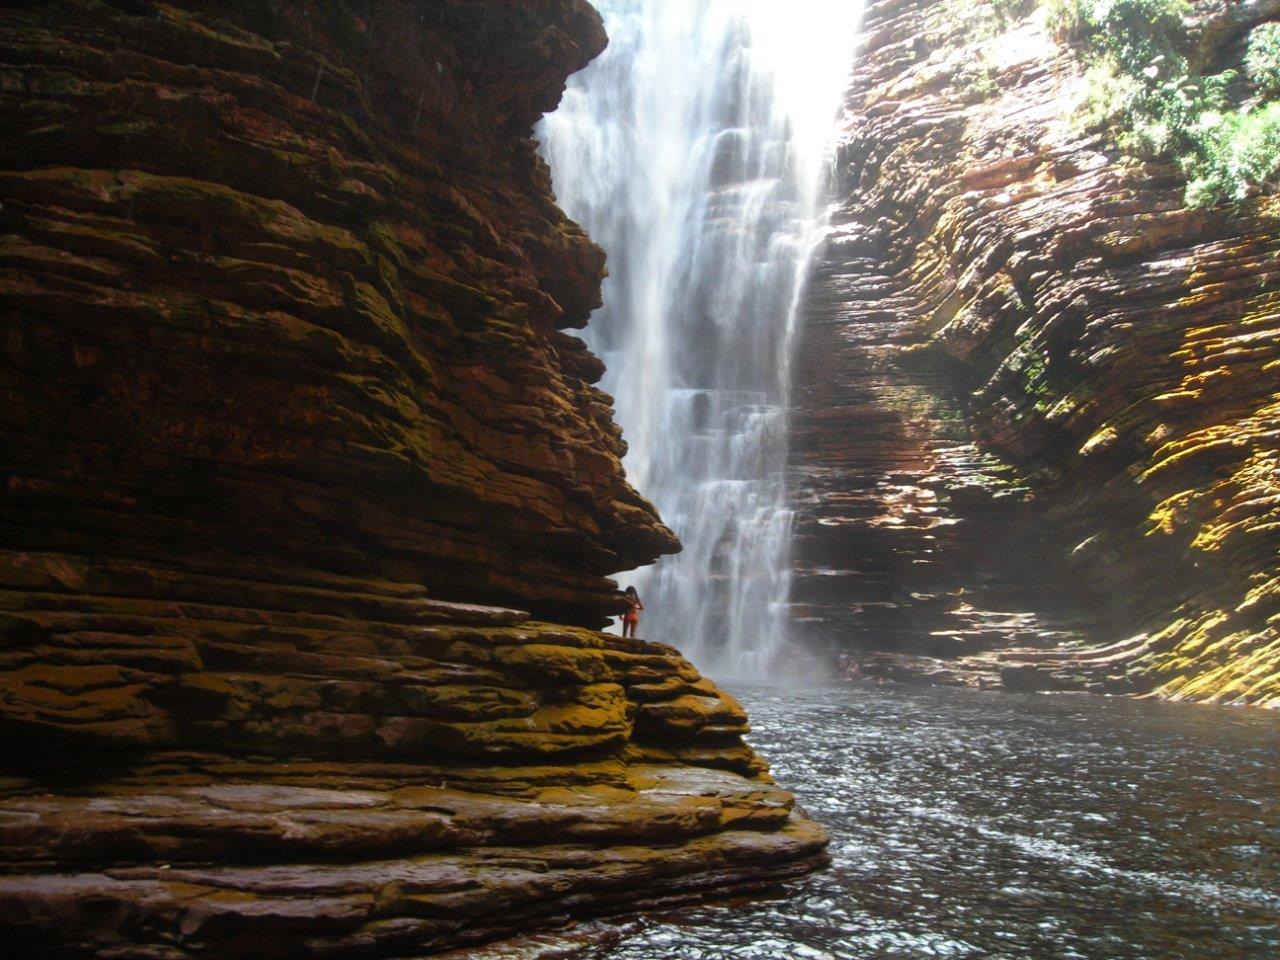 DSCN0431 - Passeios na Chapada Diamantina: conheça 7 das melhores cachoeiras